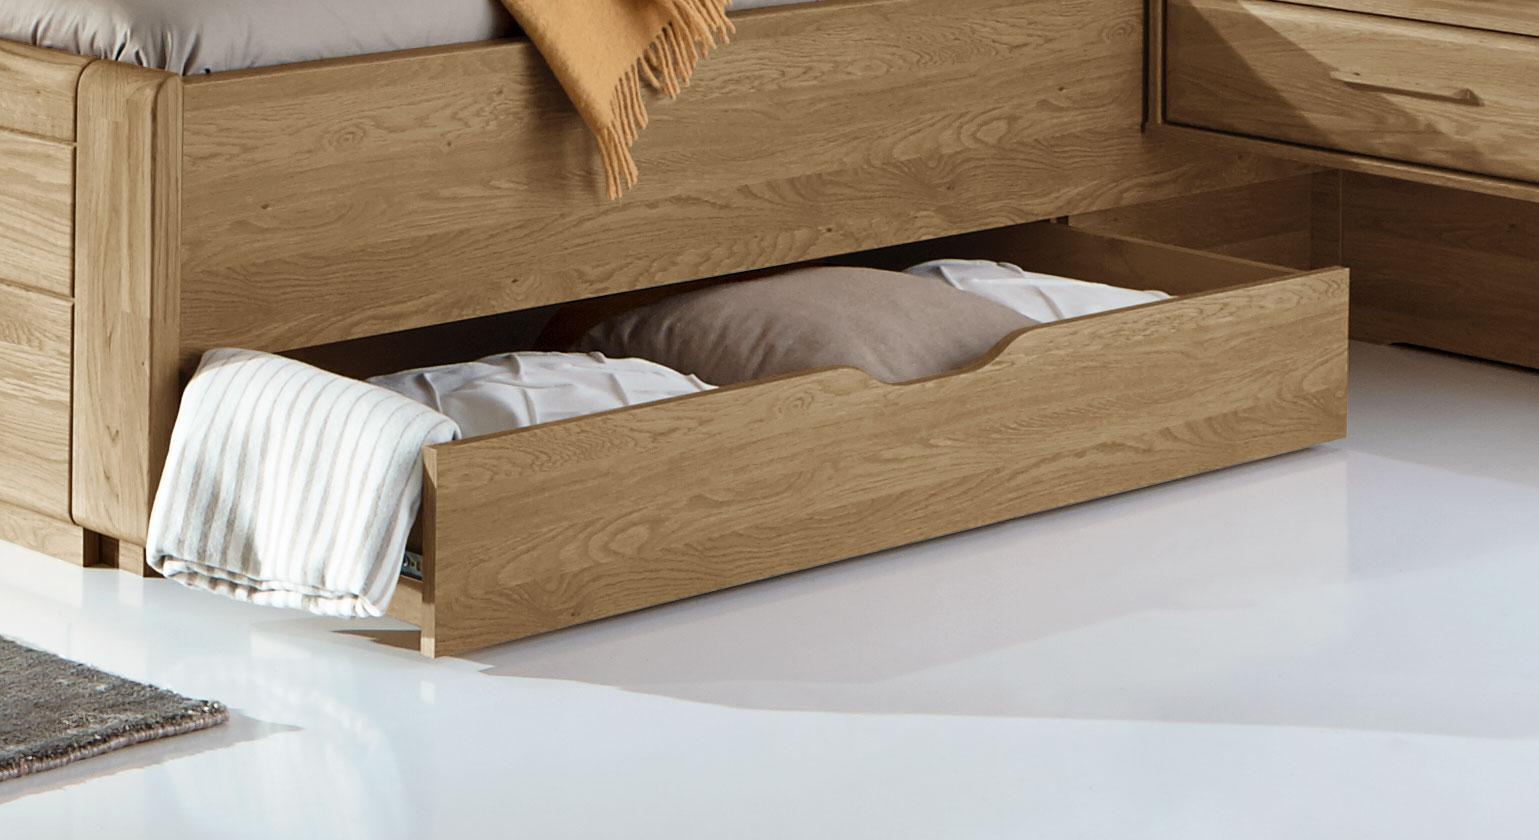 Schubkasten-Doppelbett Toride bietet praktischen Stauraum